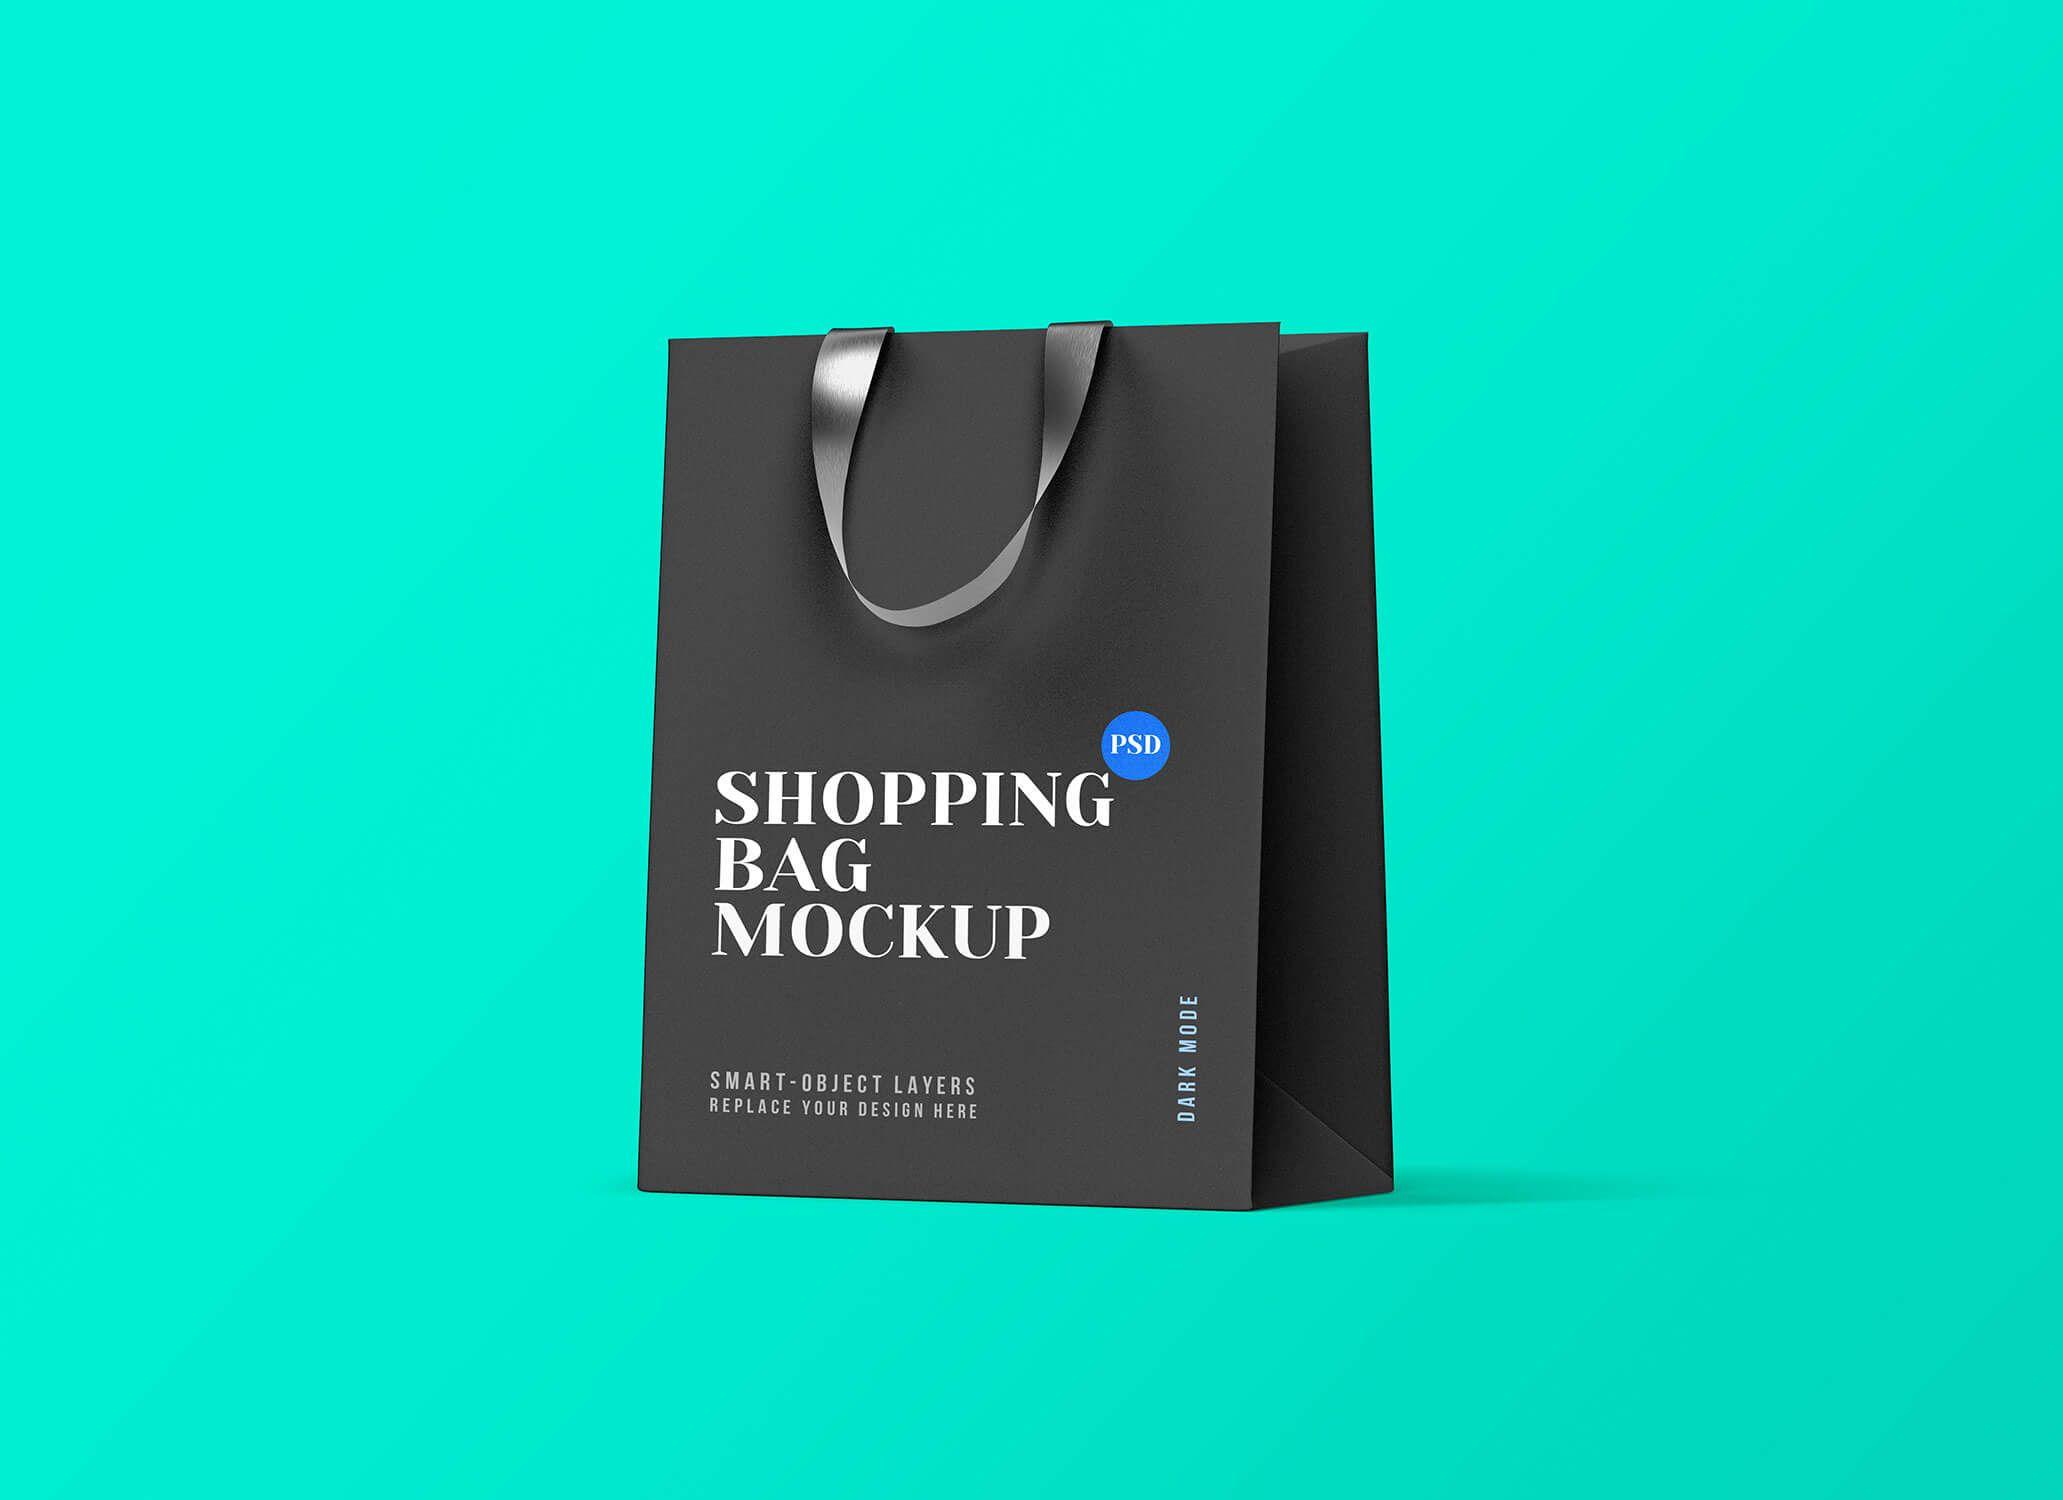 Download Free Black White Shopping Bag Mockup Psd Set Good Mockups Bag Mockup Free Black Shopping Bag